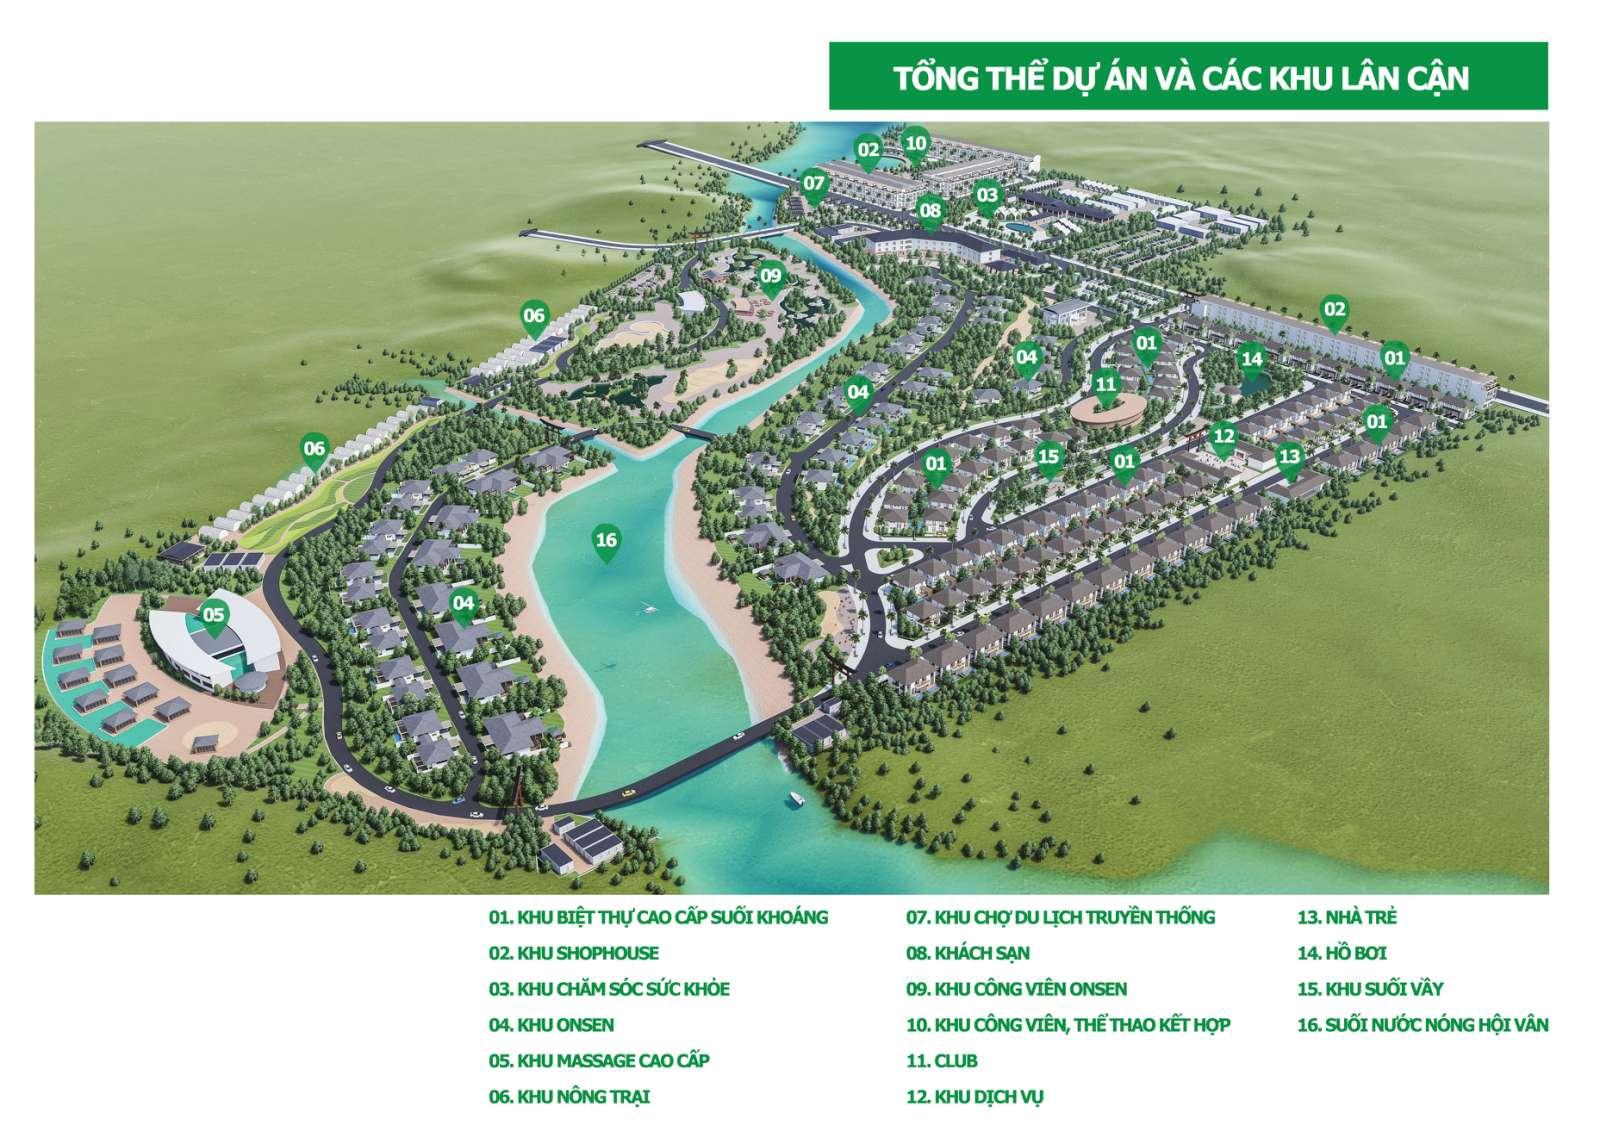 Bình Định duyệt qui hoạch chi tiết khu nghỉ dưỡng 24 ha - Ảnh 1.